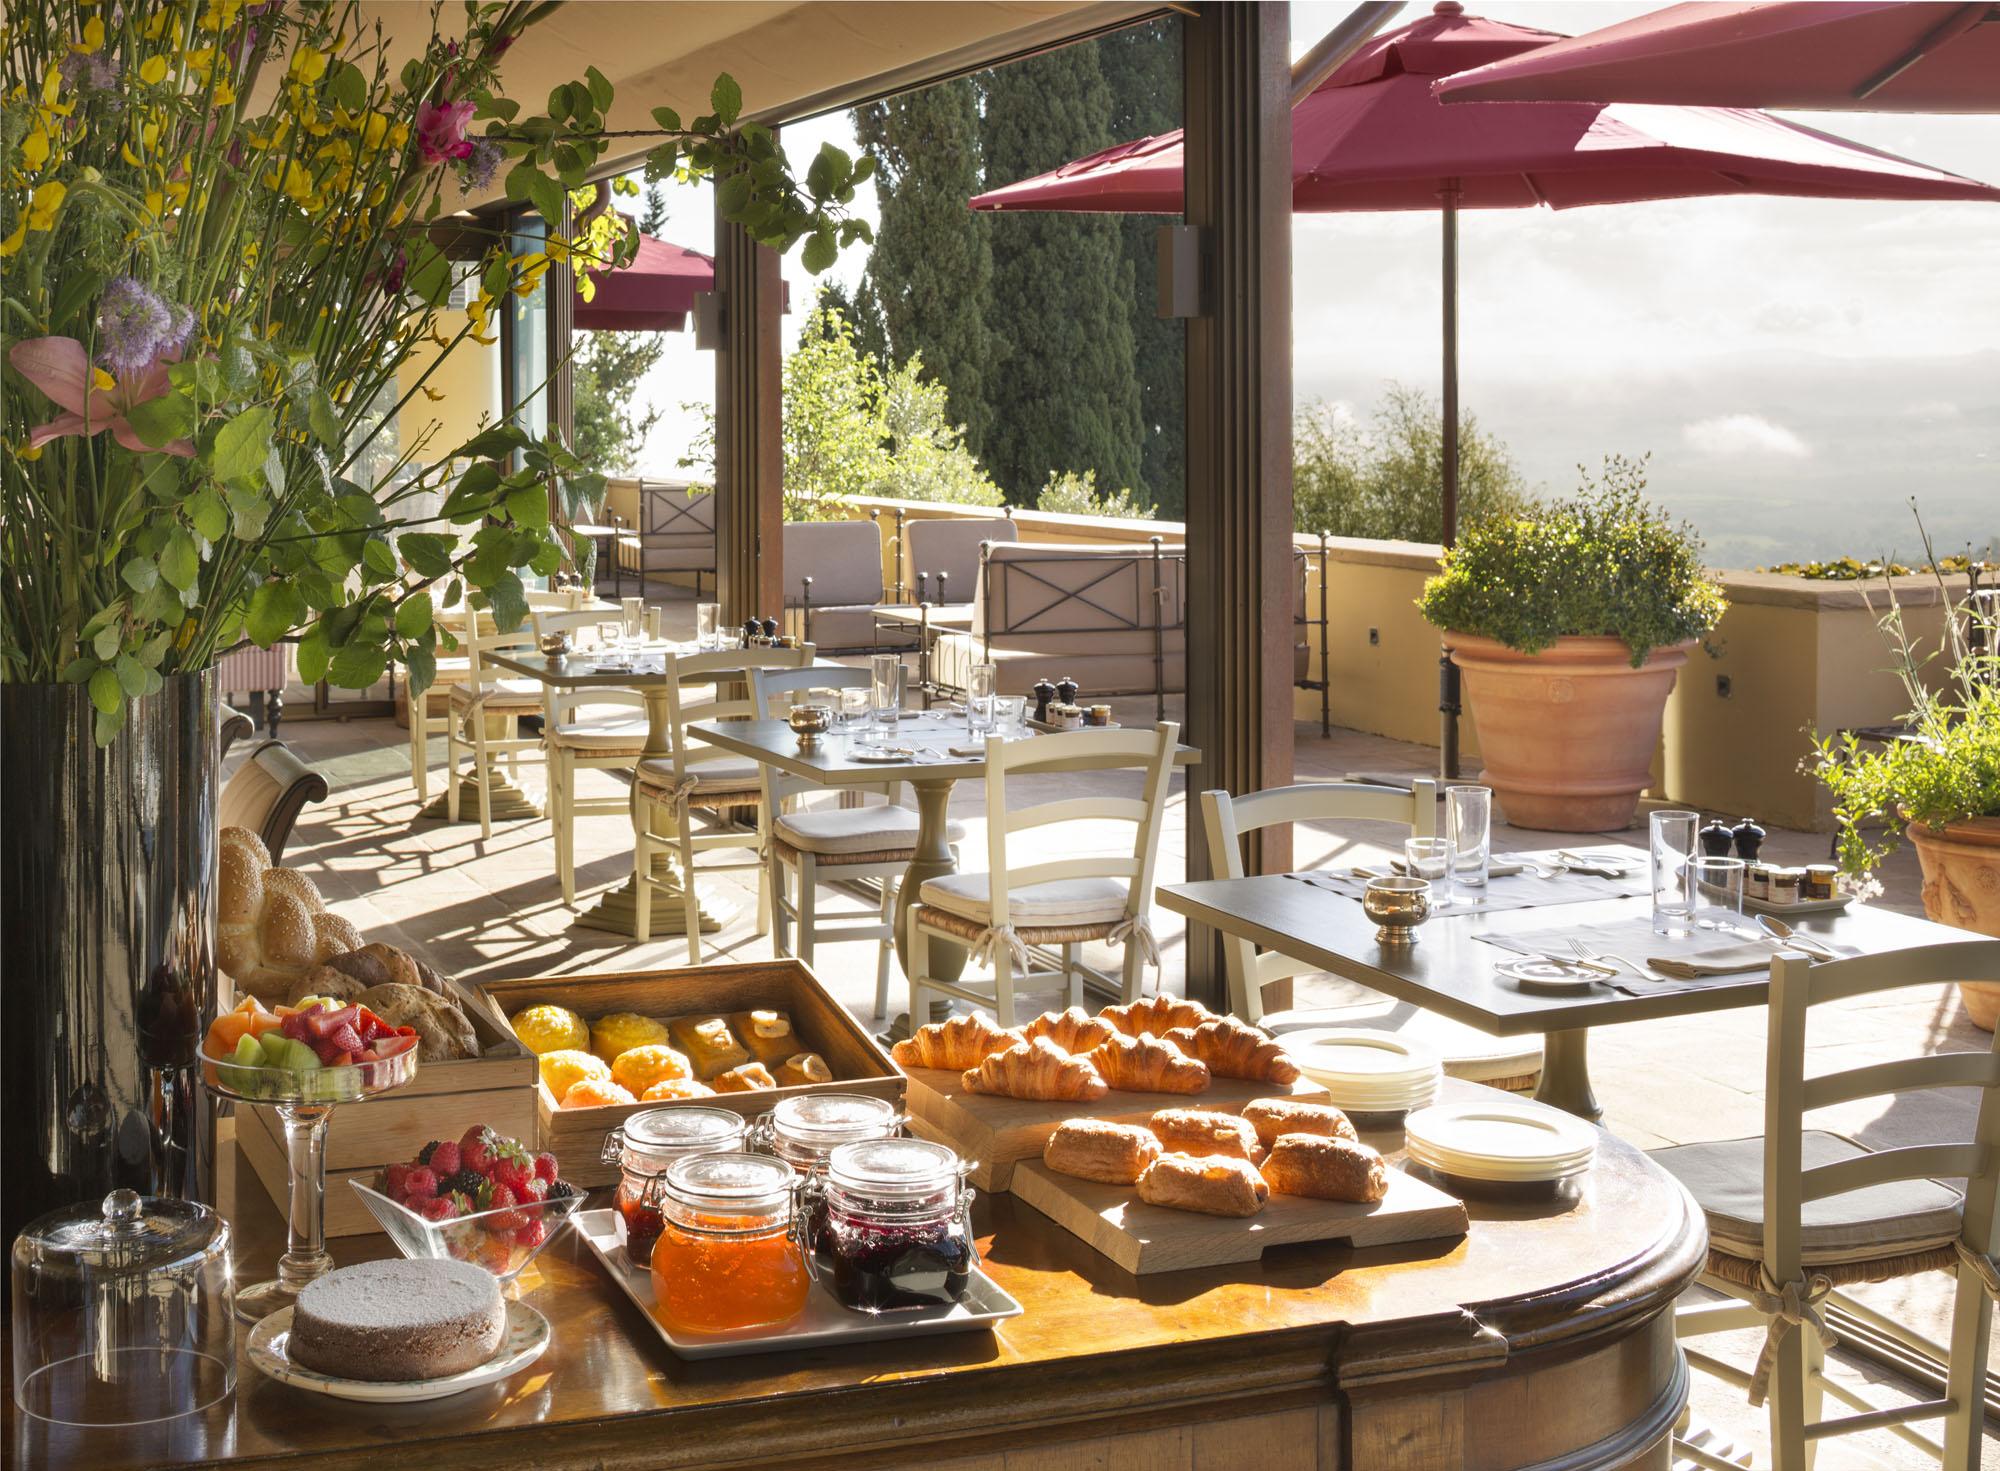 Ristorante Campo del Drago Breakfast